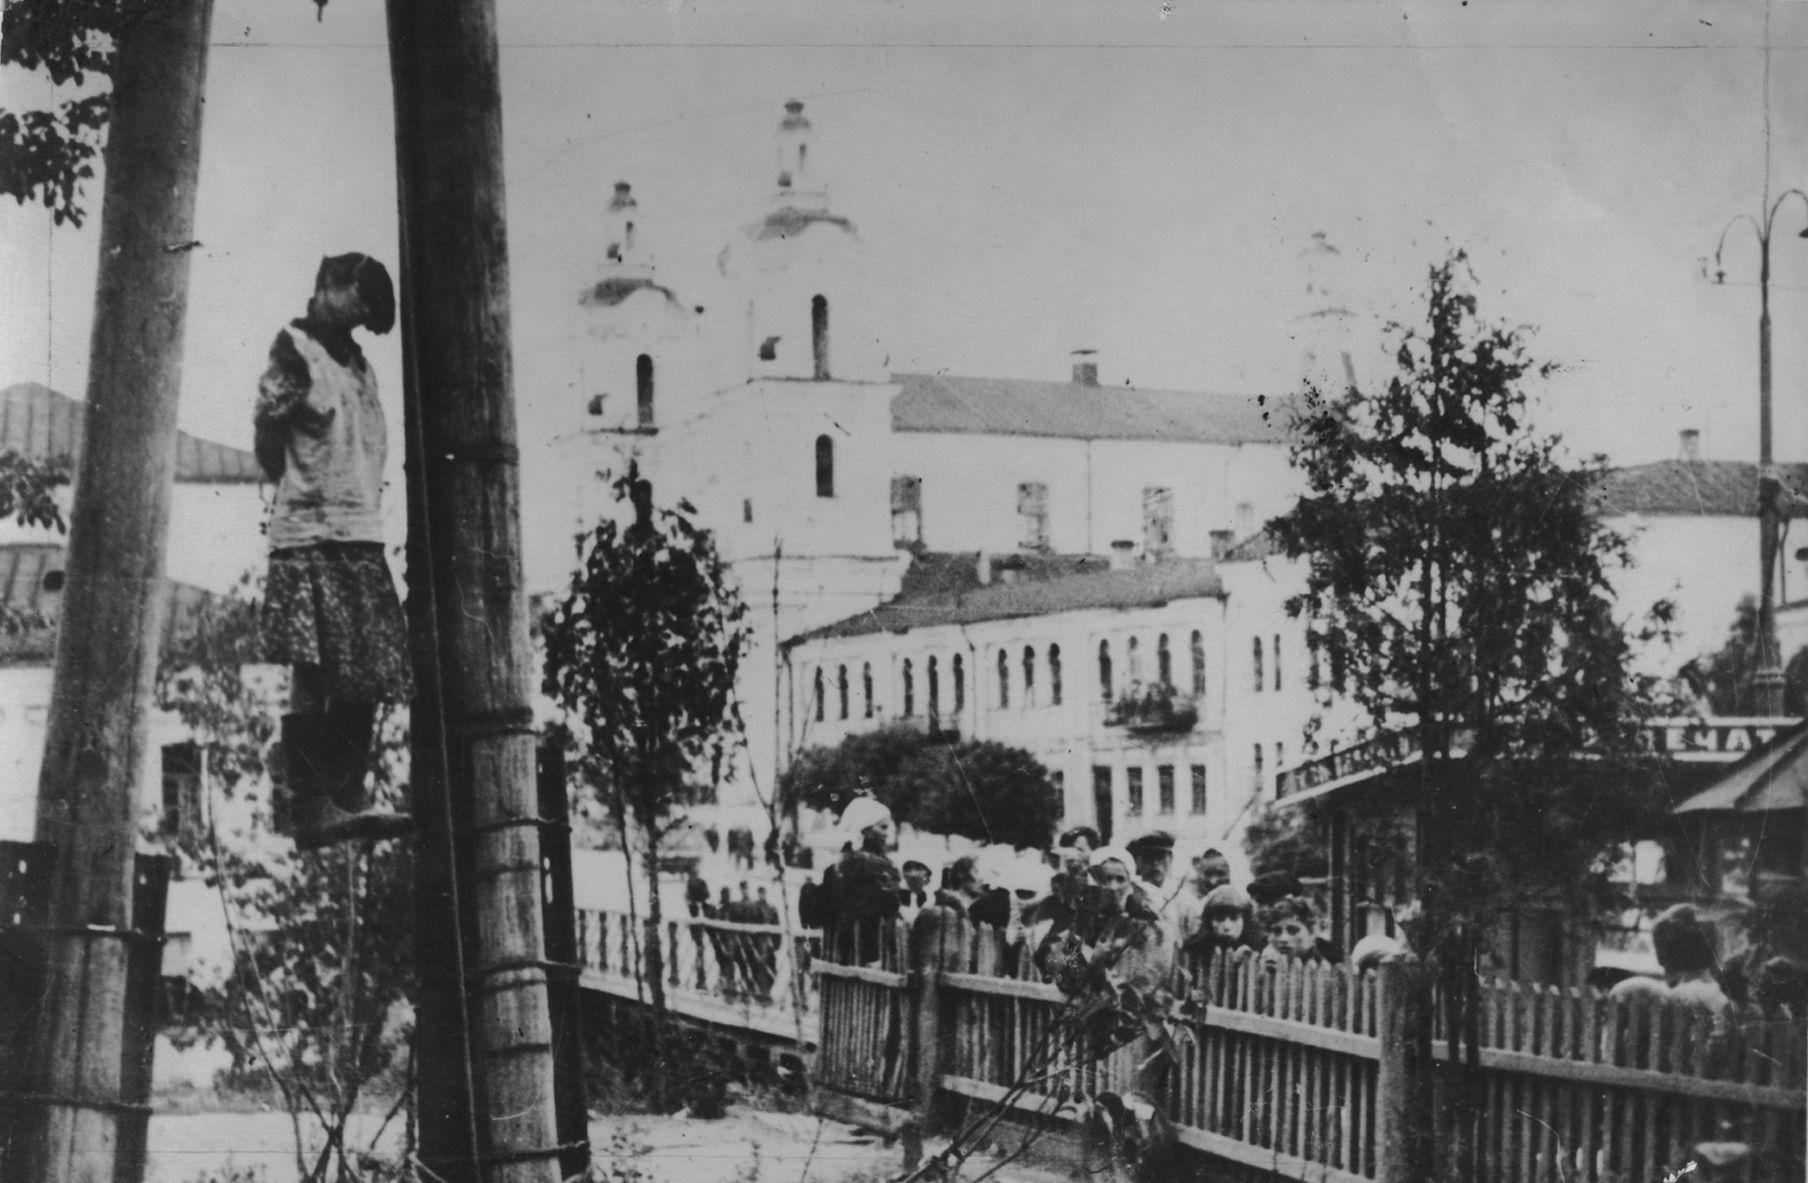 1941. Публично казненная еврейка Доба Гоз возле Художественной школы в оккупированном Витебске